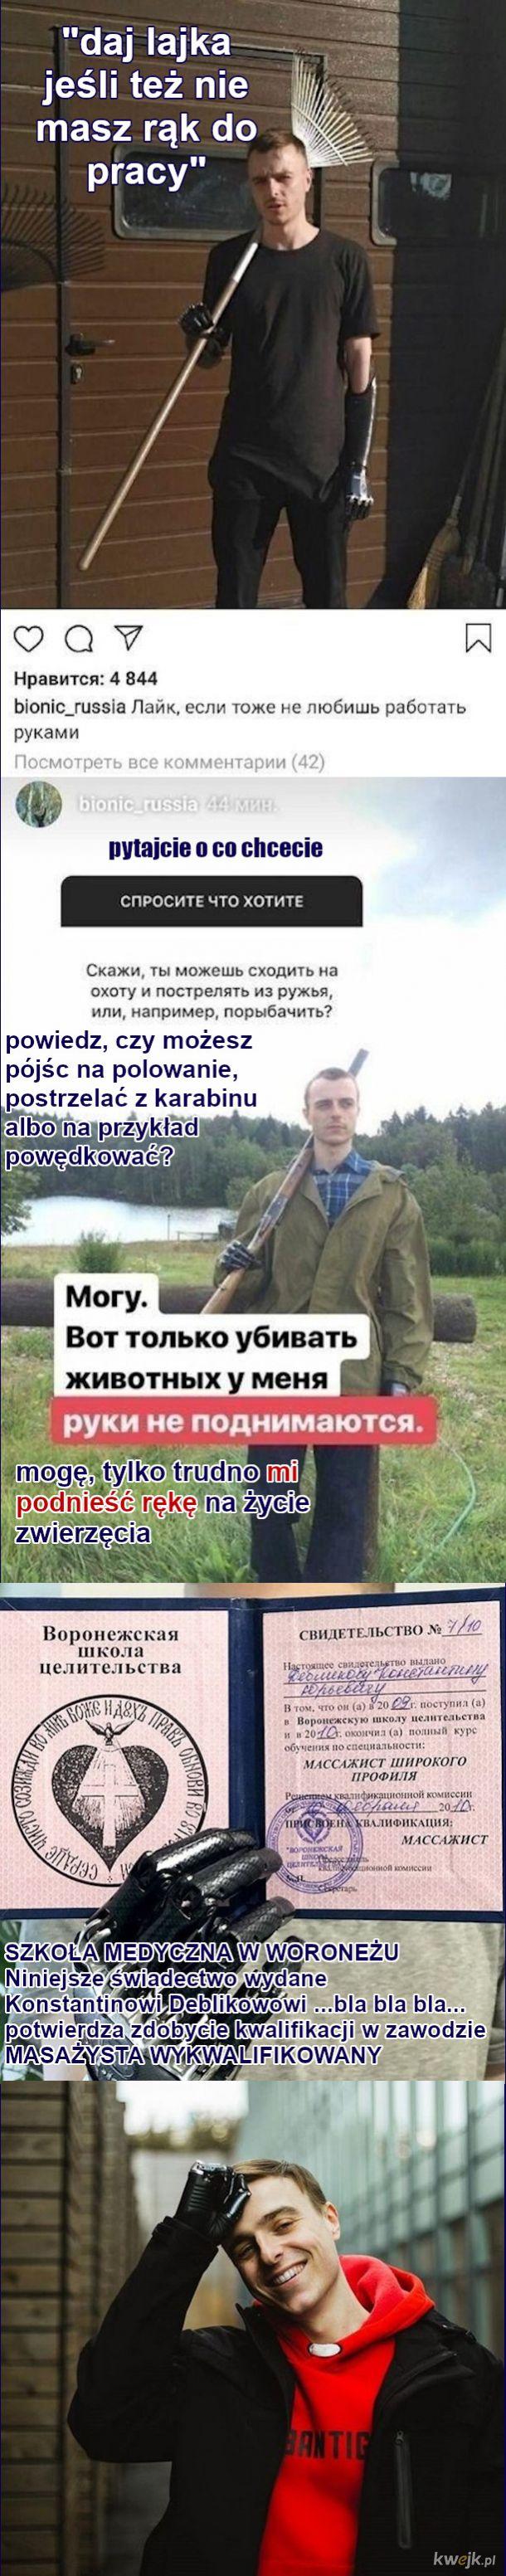 Pan z Rosji ma bioniczne ręce i opowiada o sobie